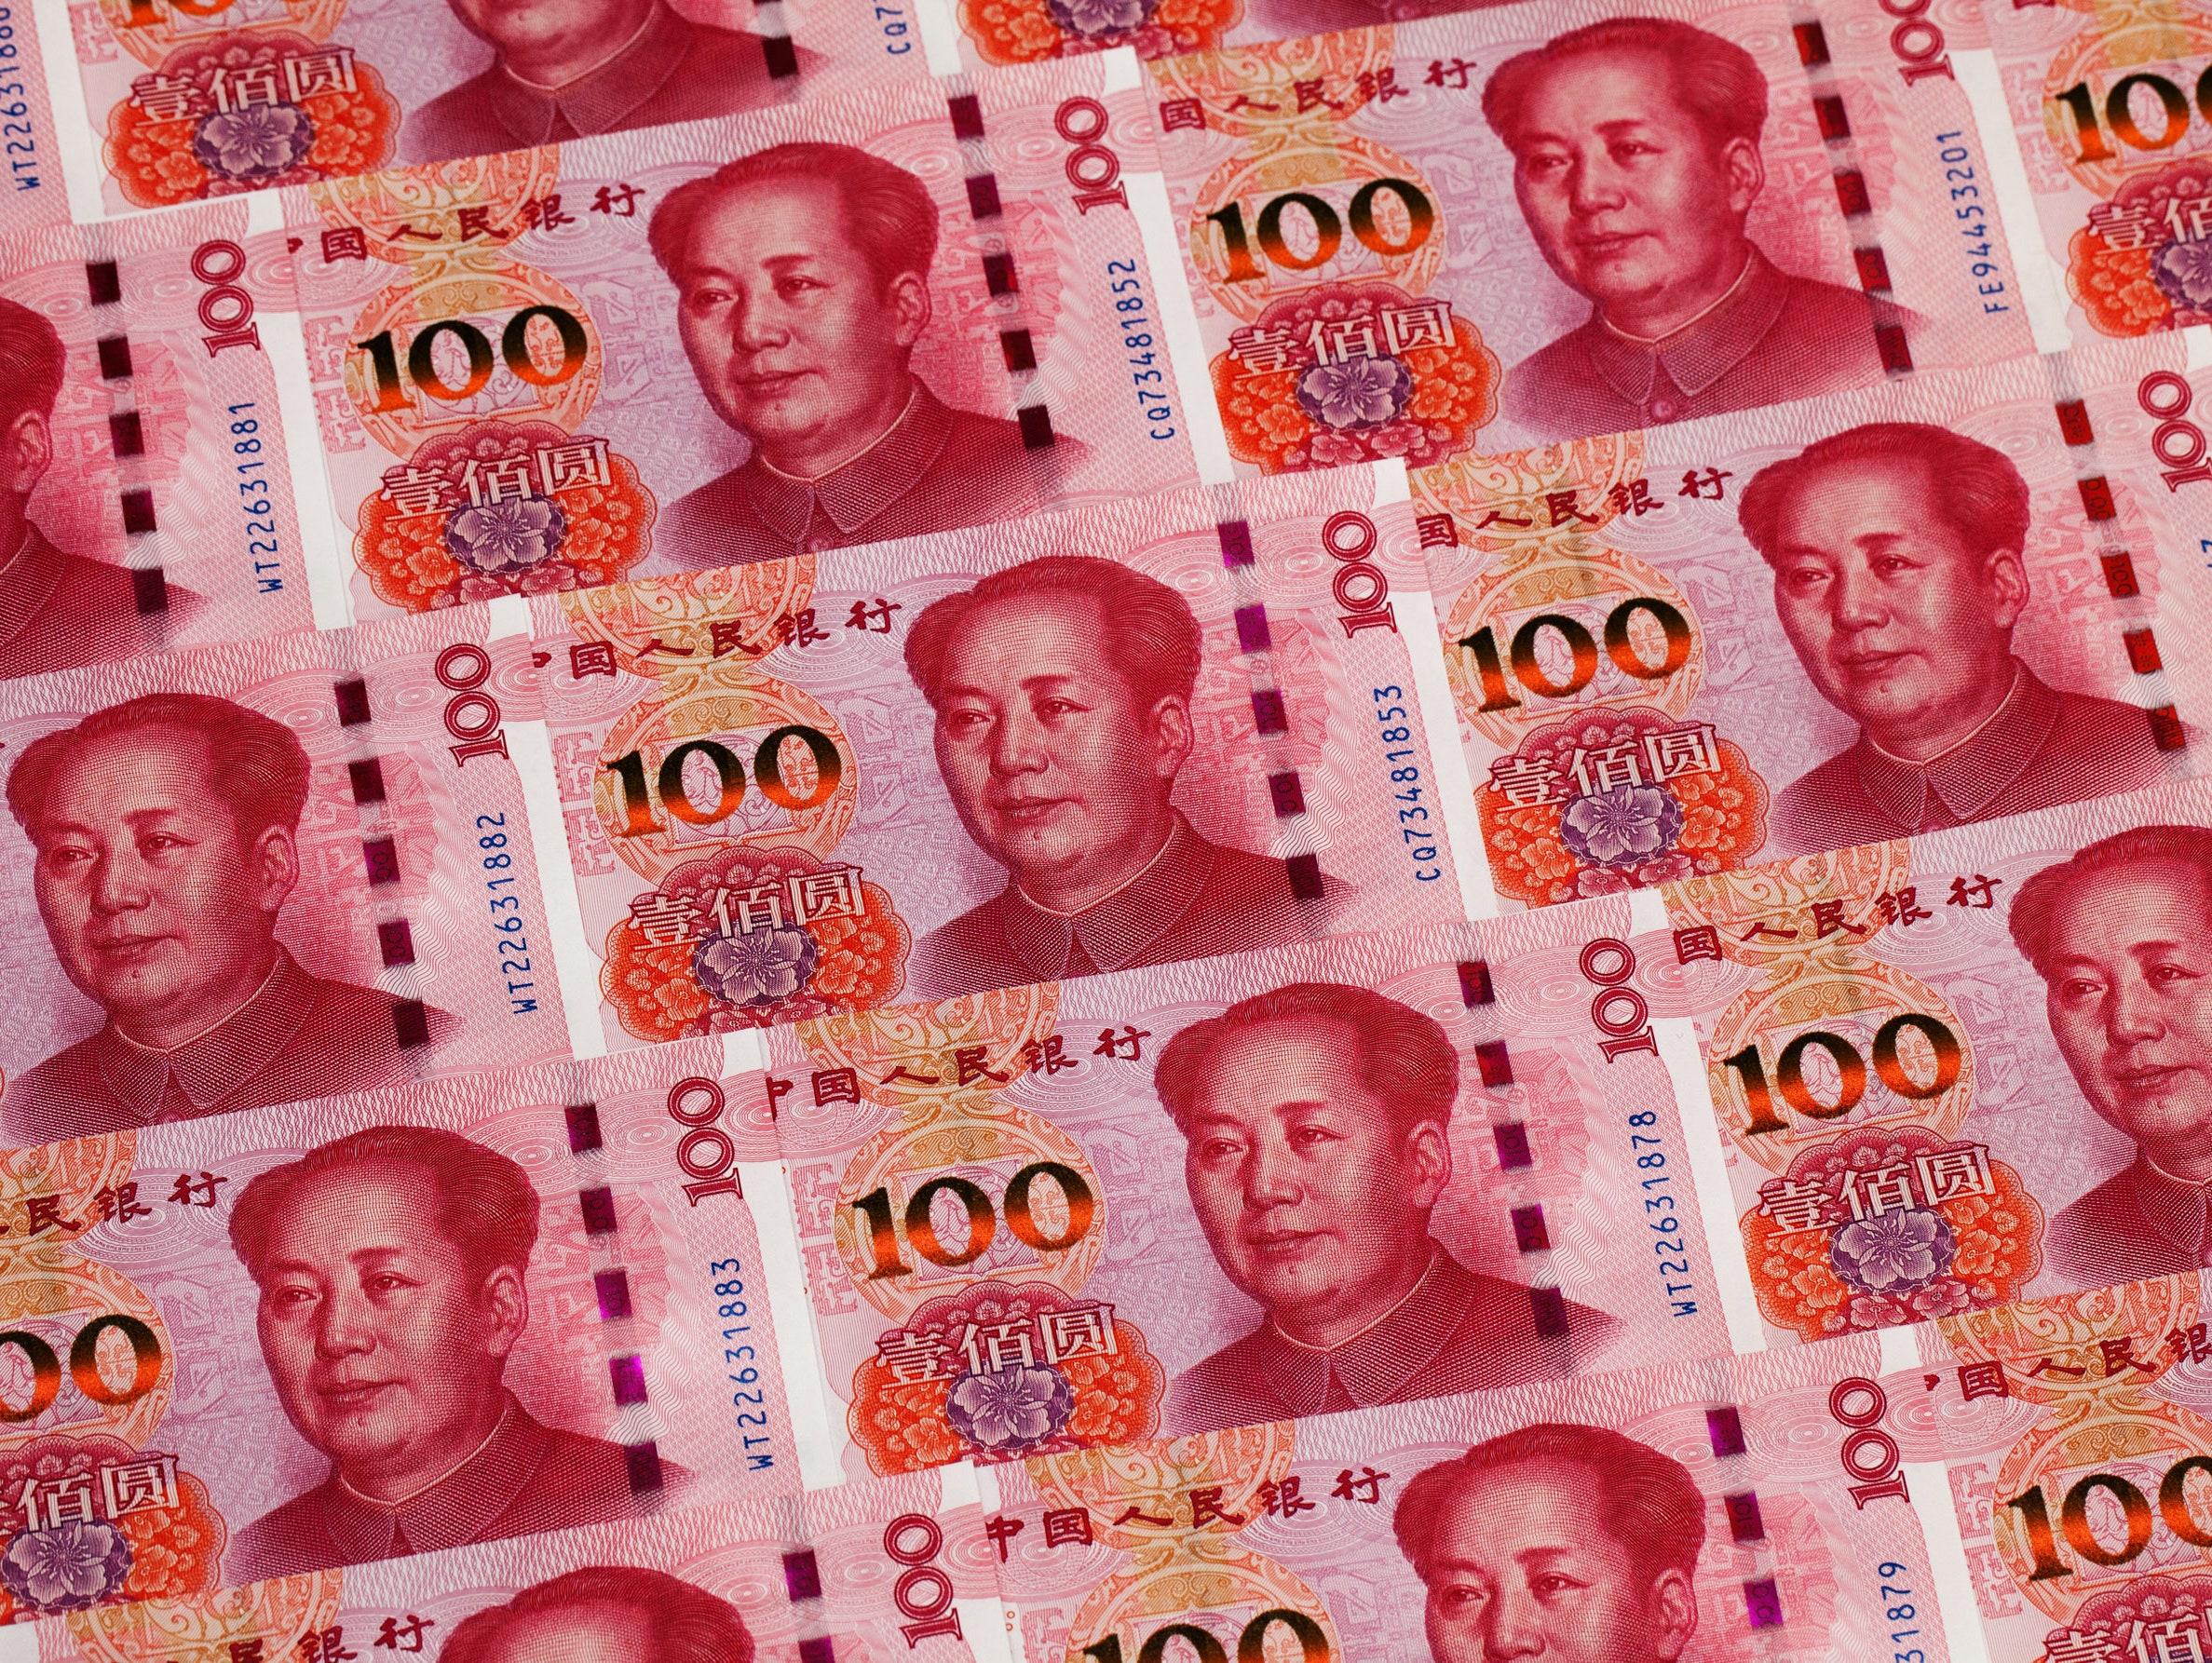 La ciudad de Shenzen está regalando 20 millones de yuanes digitales mediante una lotería